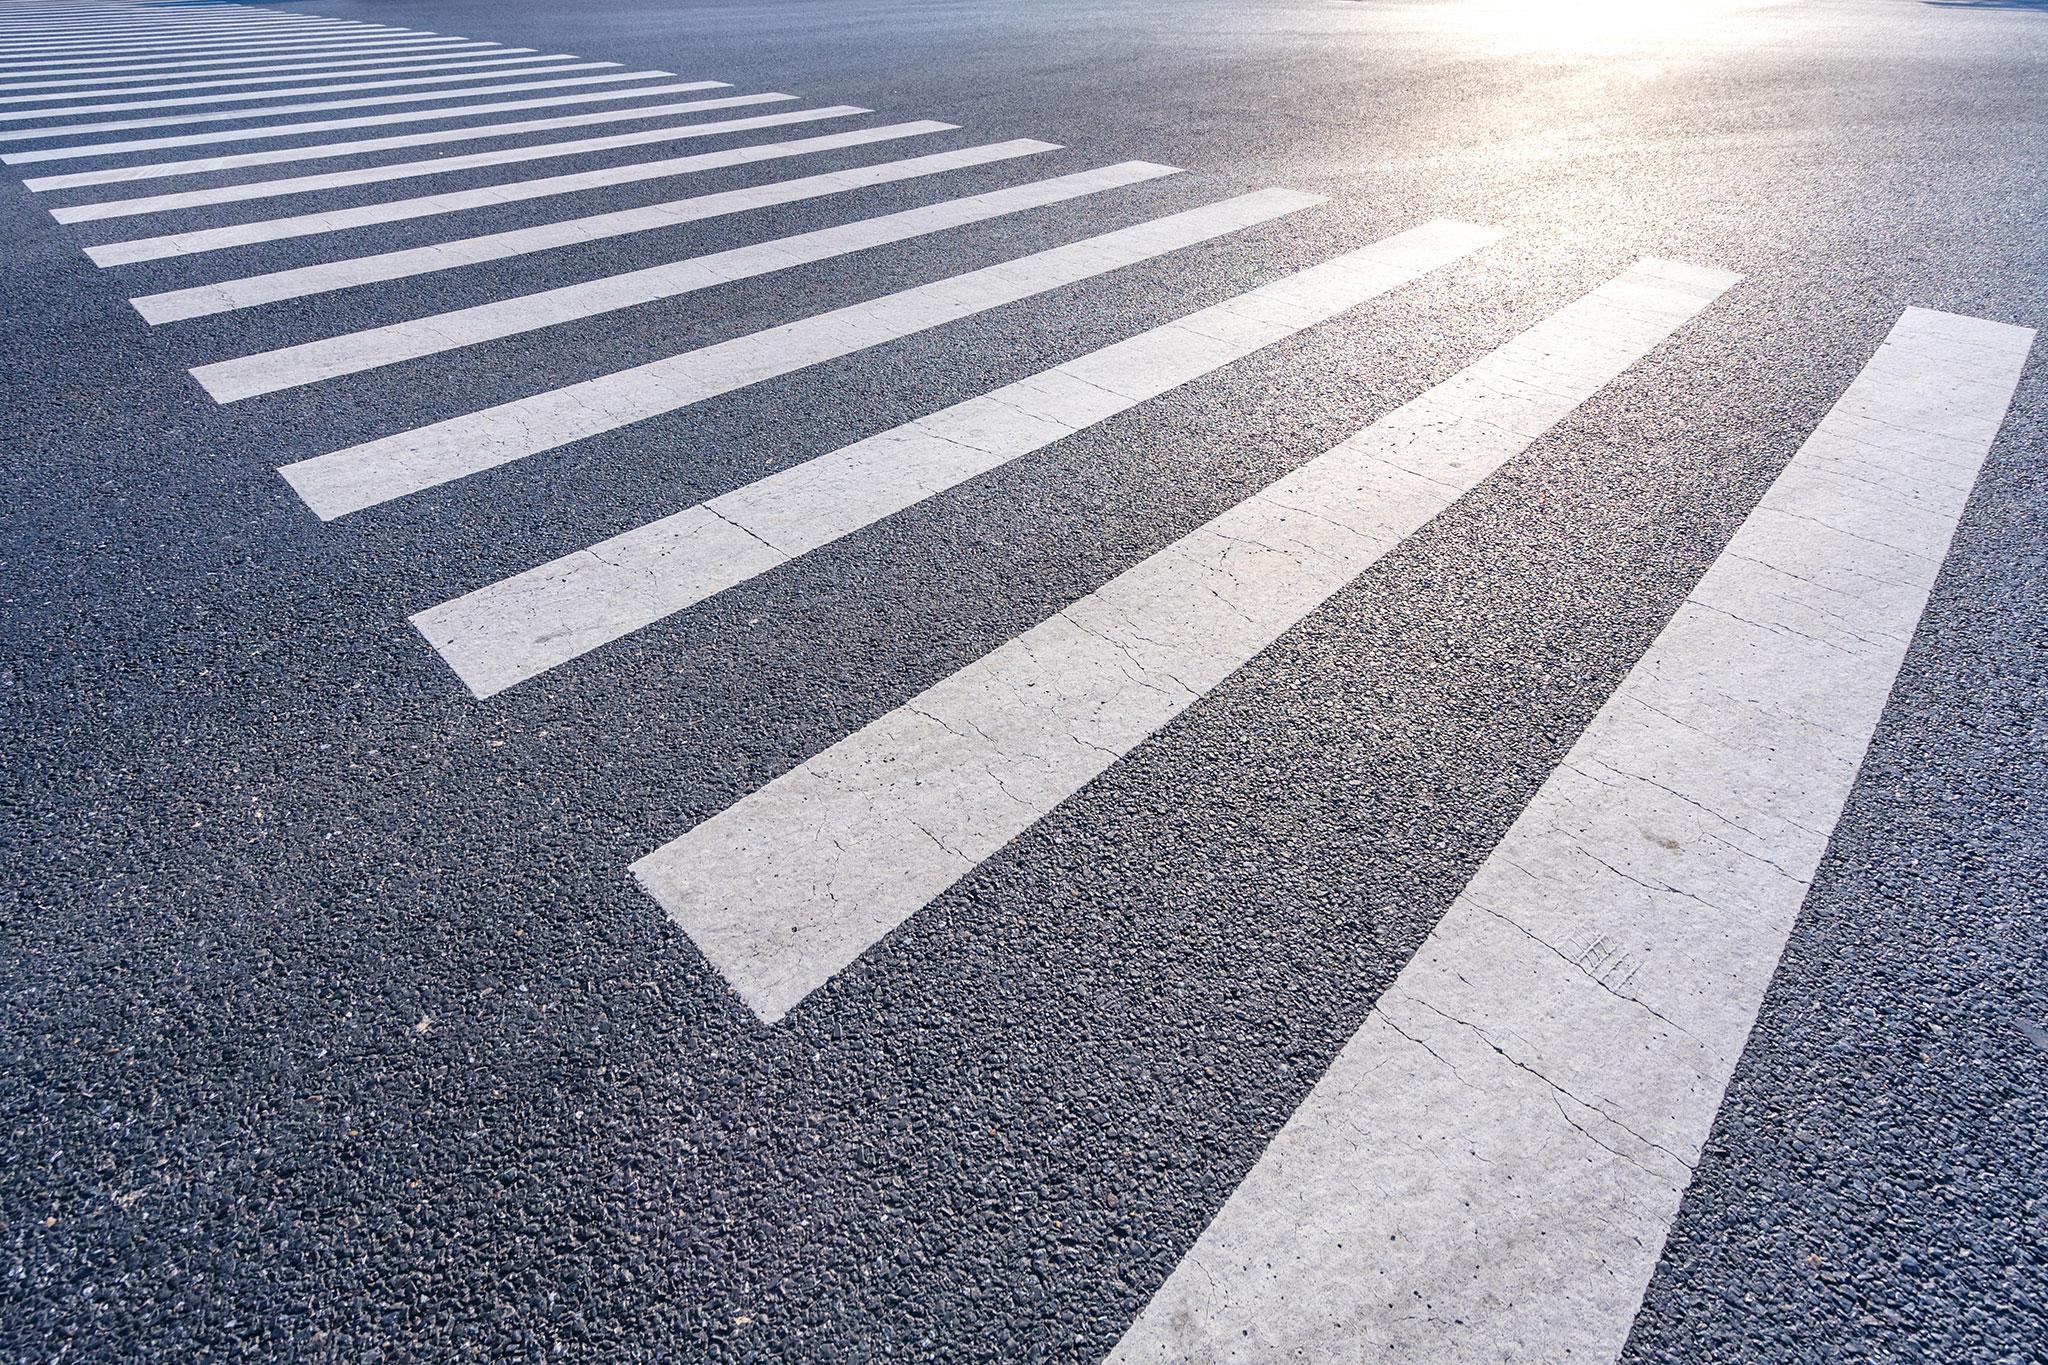 歩道 停止 横断 前 一時